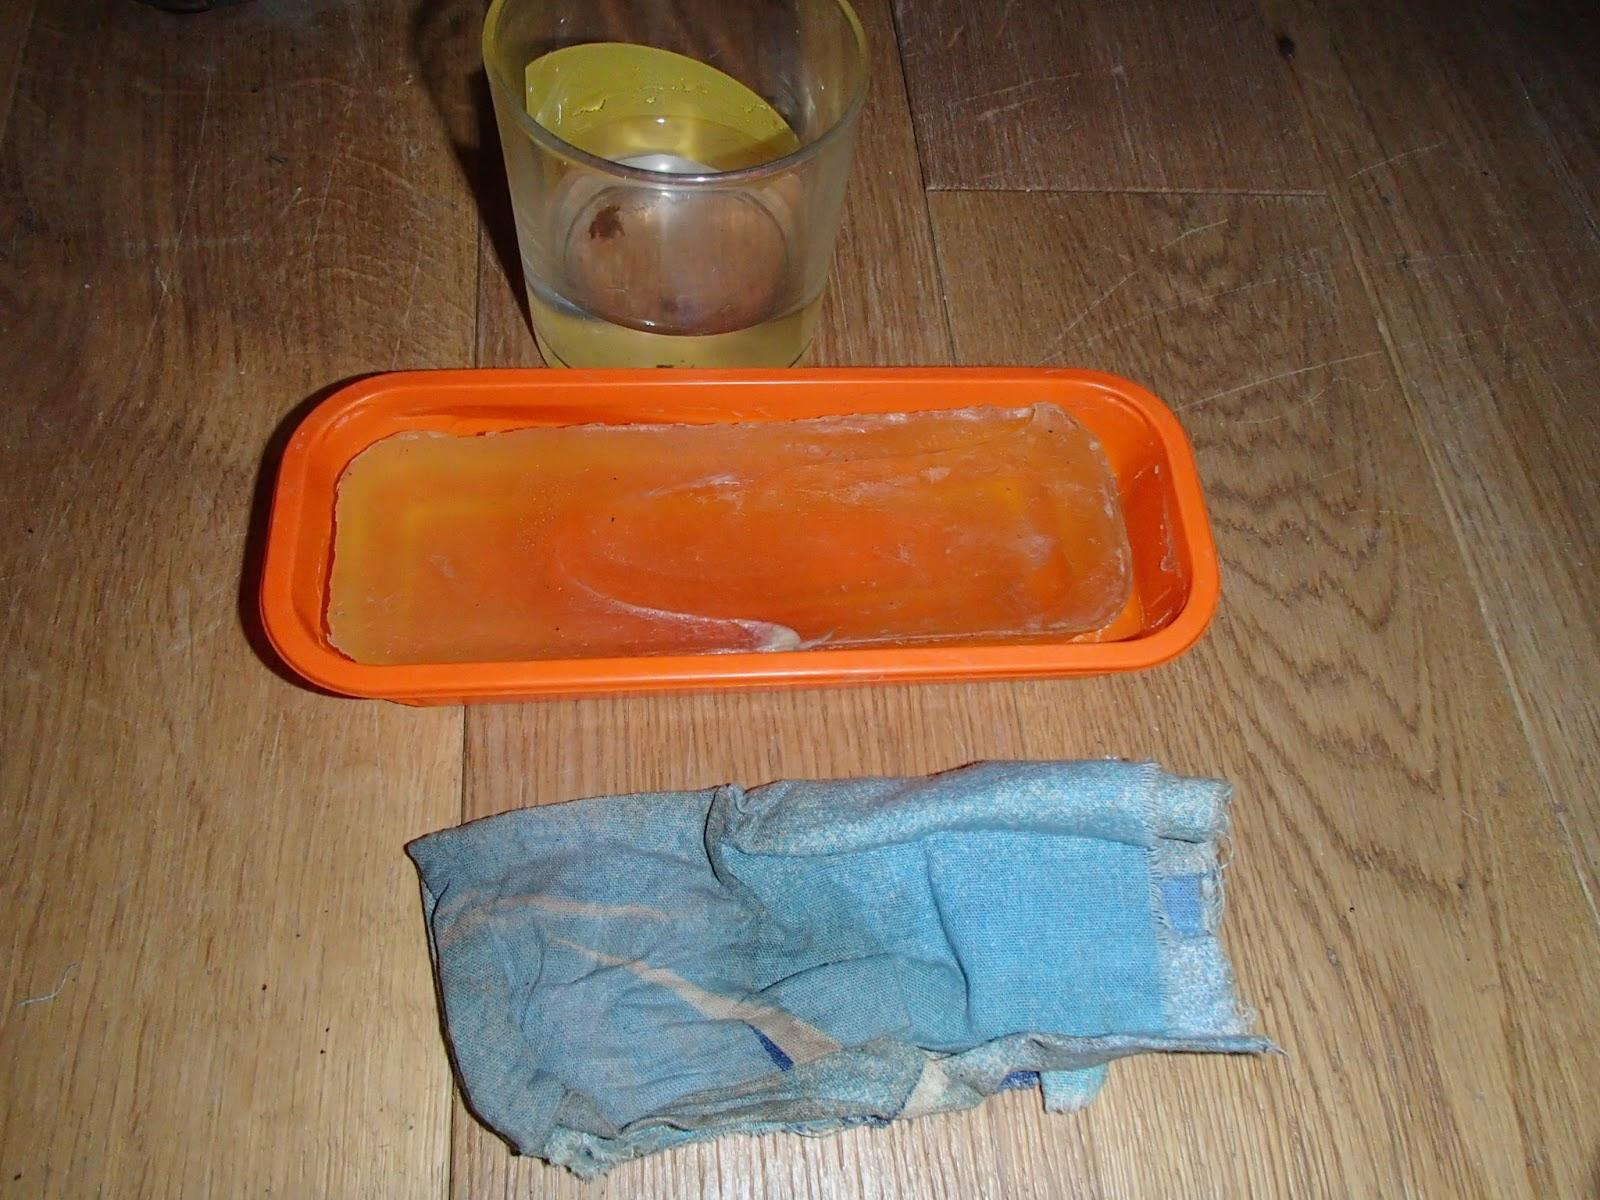 Nettoyage de la muserolle avec du savon glycérine